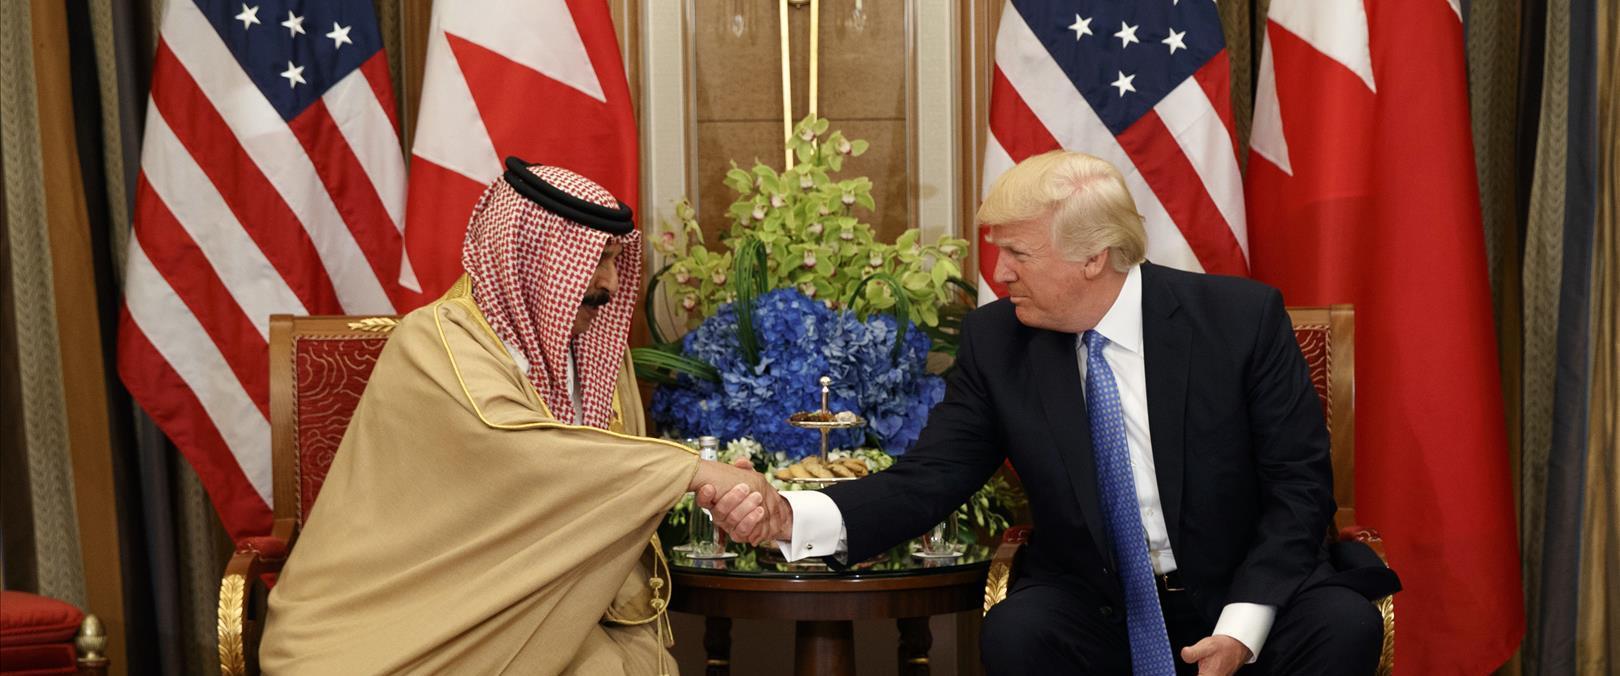 דונלד טראמפ ומלך בחריין, ארכיון